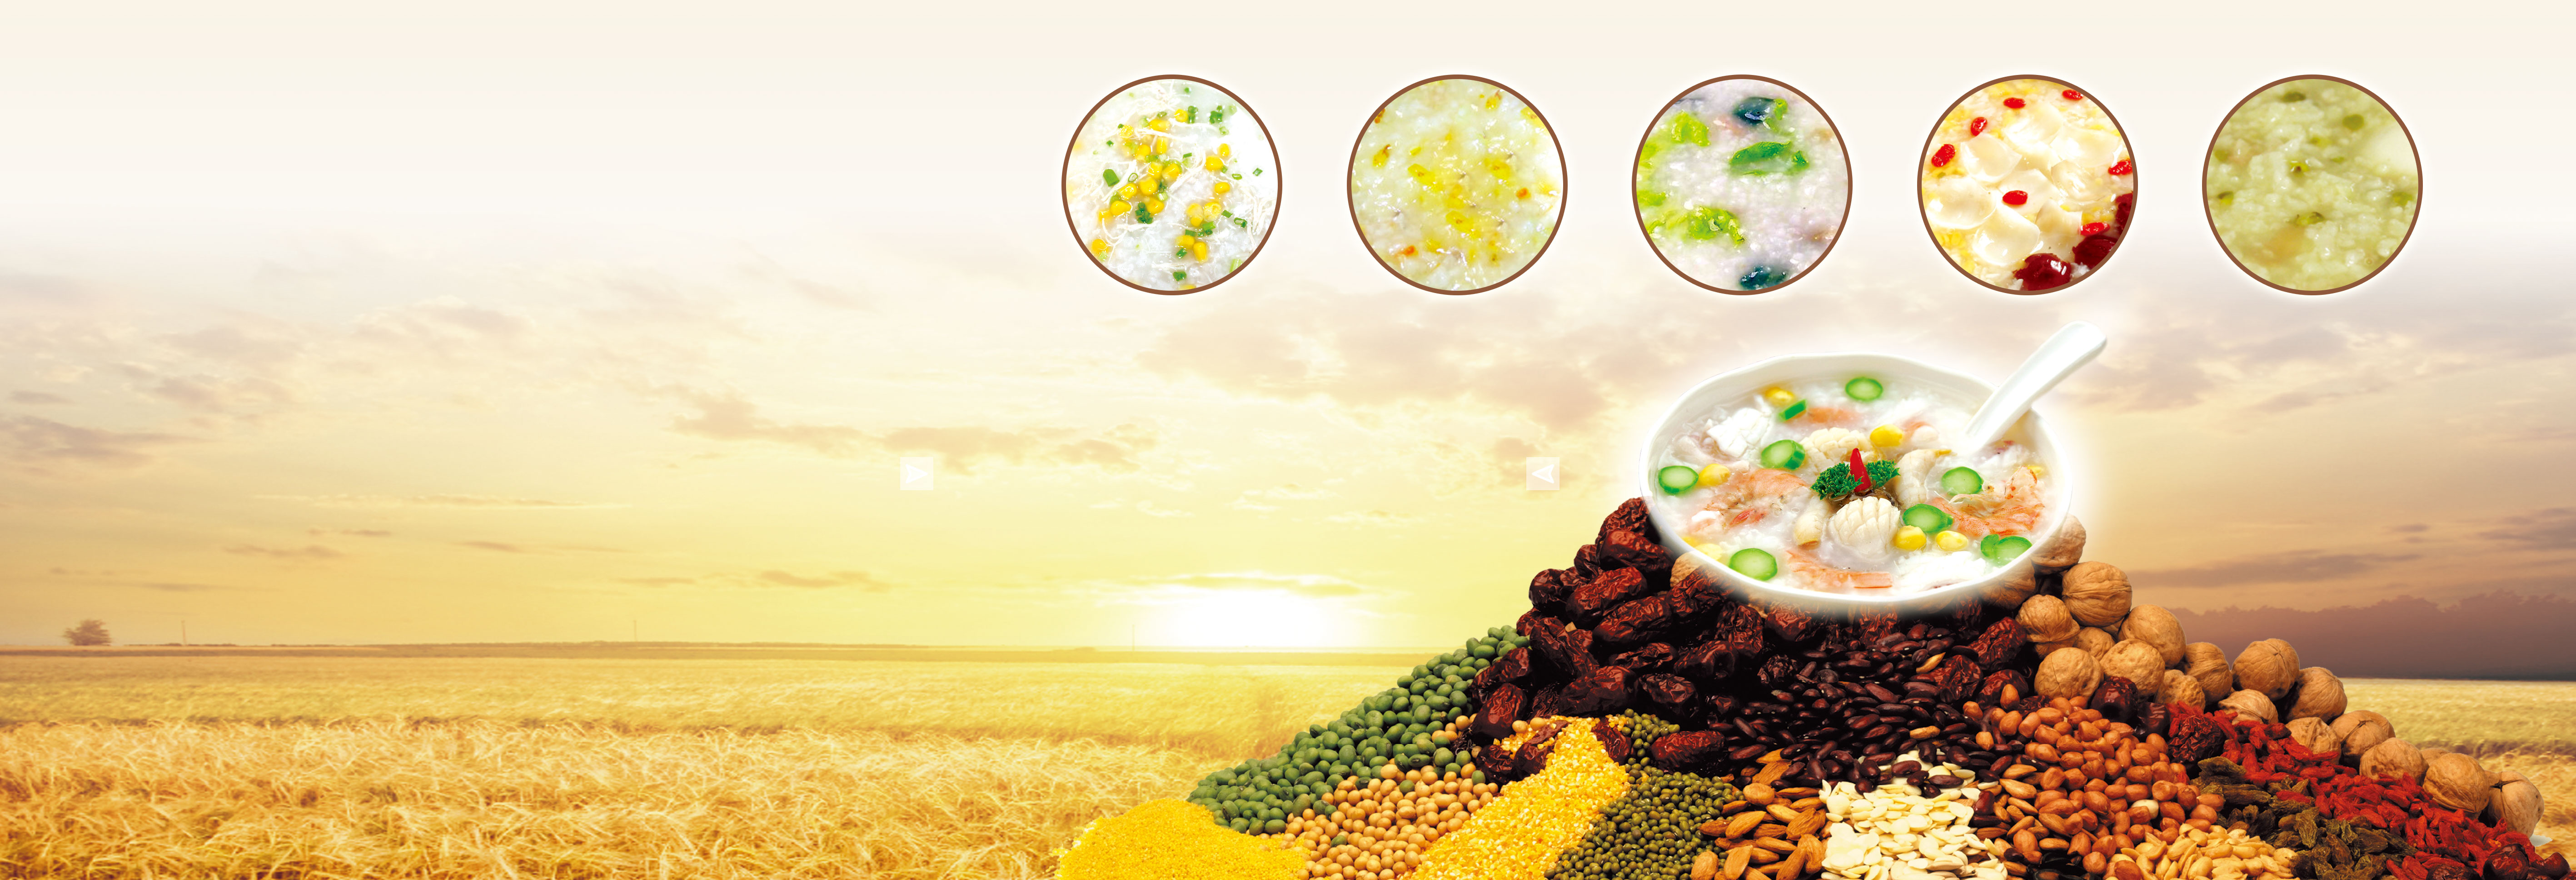 冬天如何养胃_夏季养胃食物 如何打开你的味蕾?